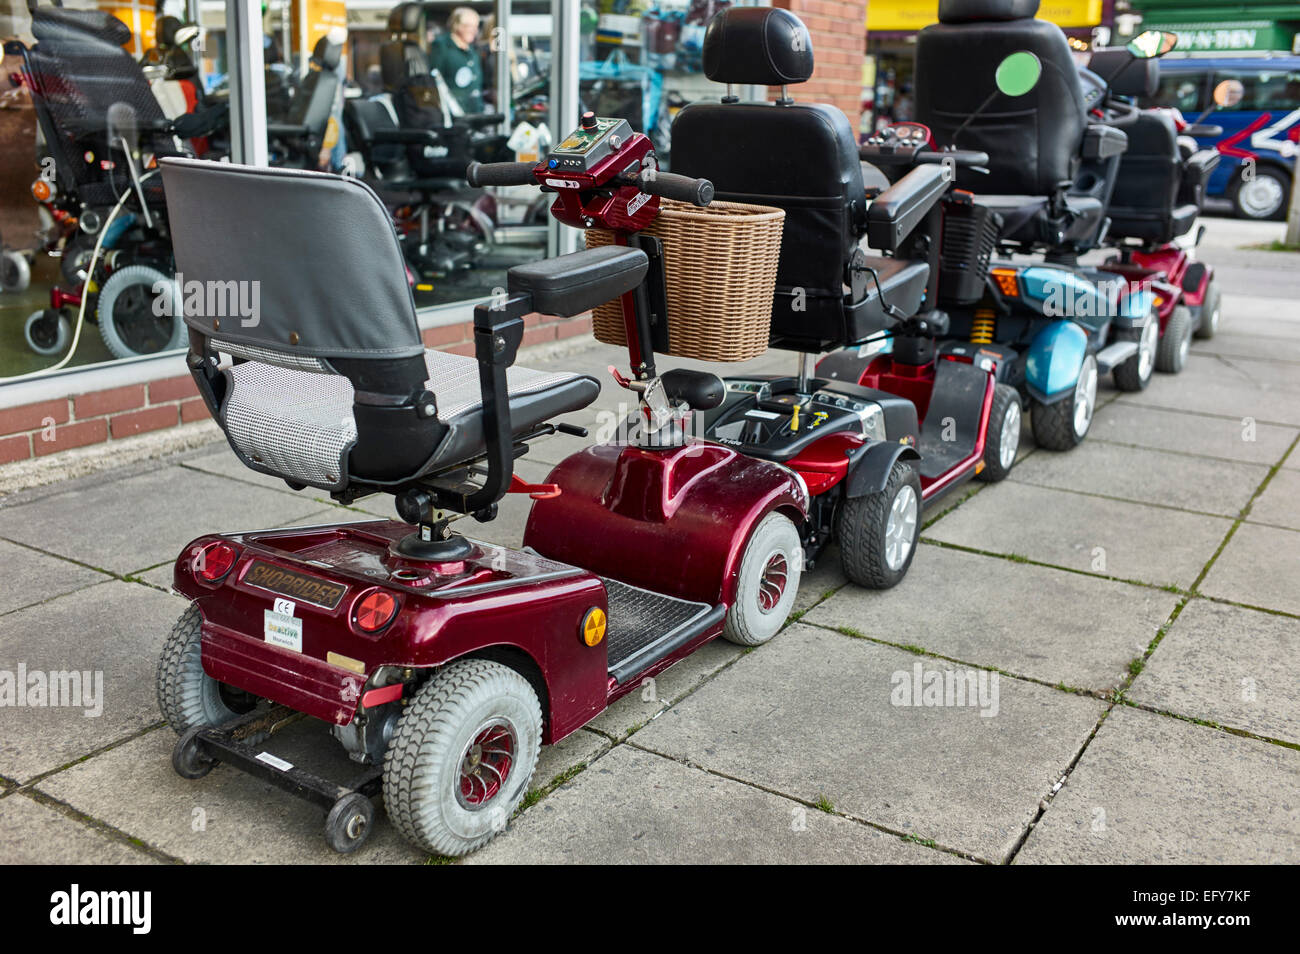 gebrauchte scooter f r den verkauf au erhalb shop. Black Bedroom Furniture Sets. Home Design Ideas